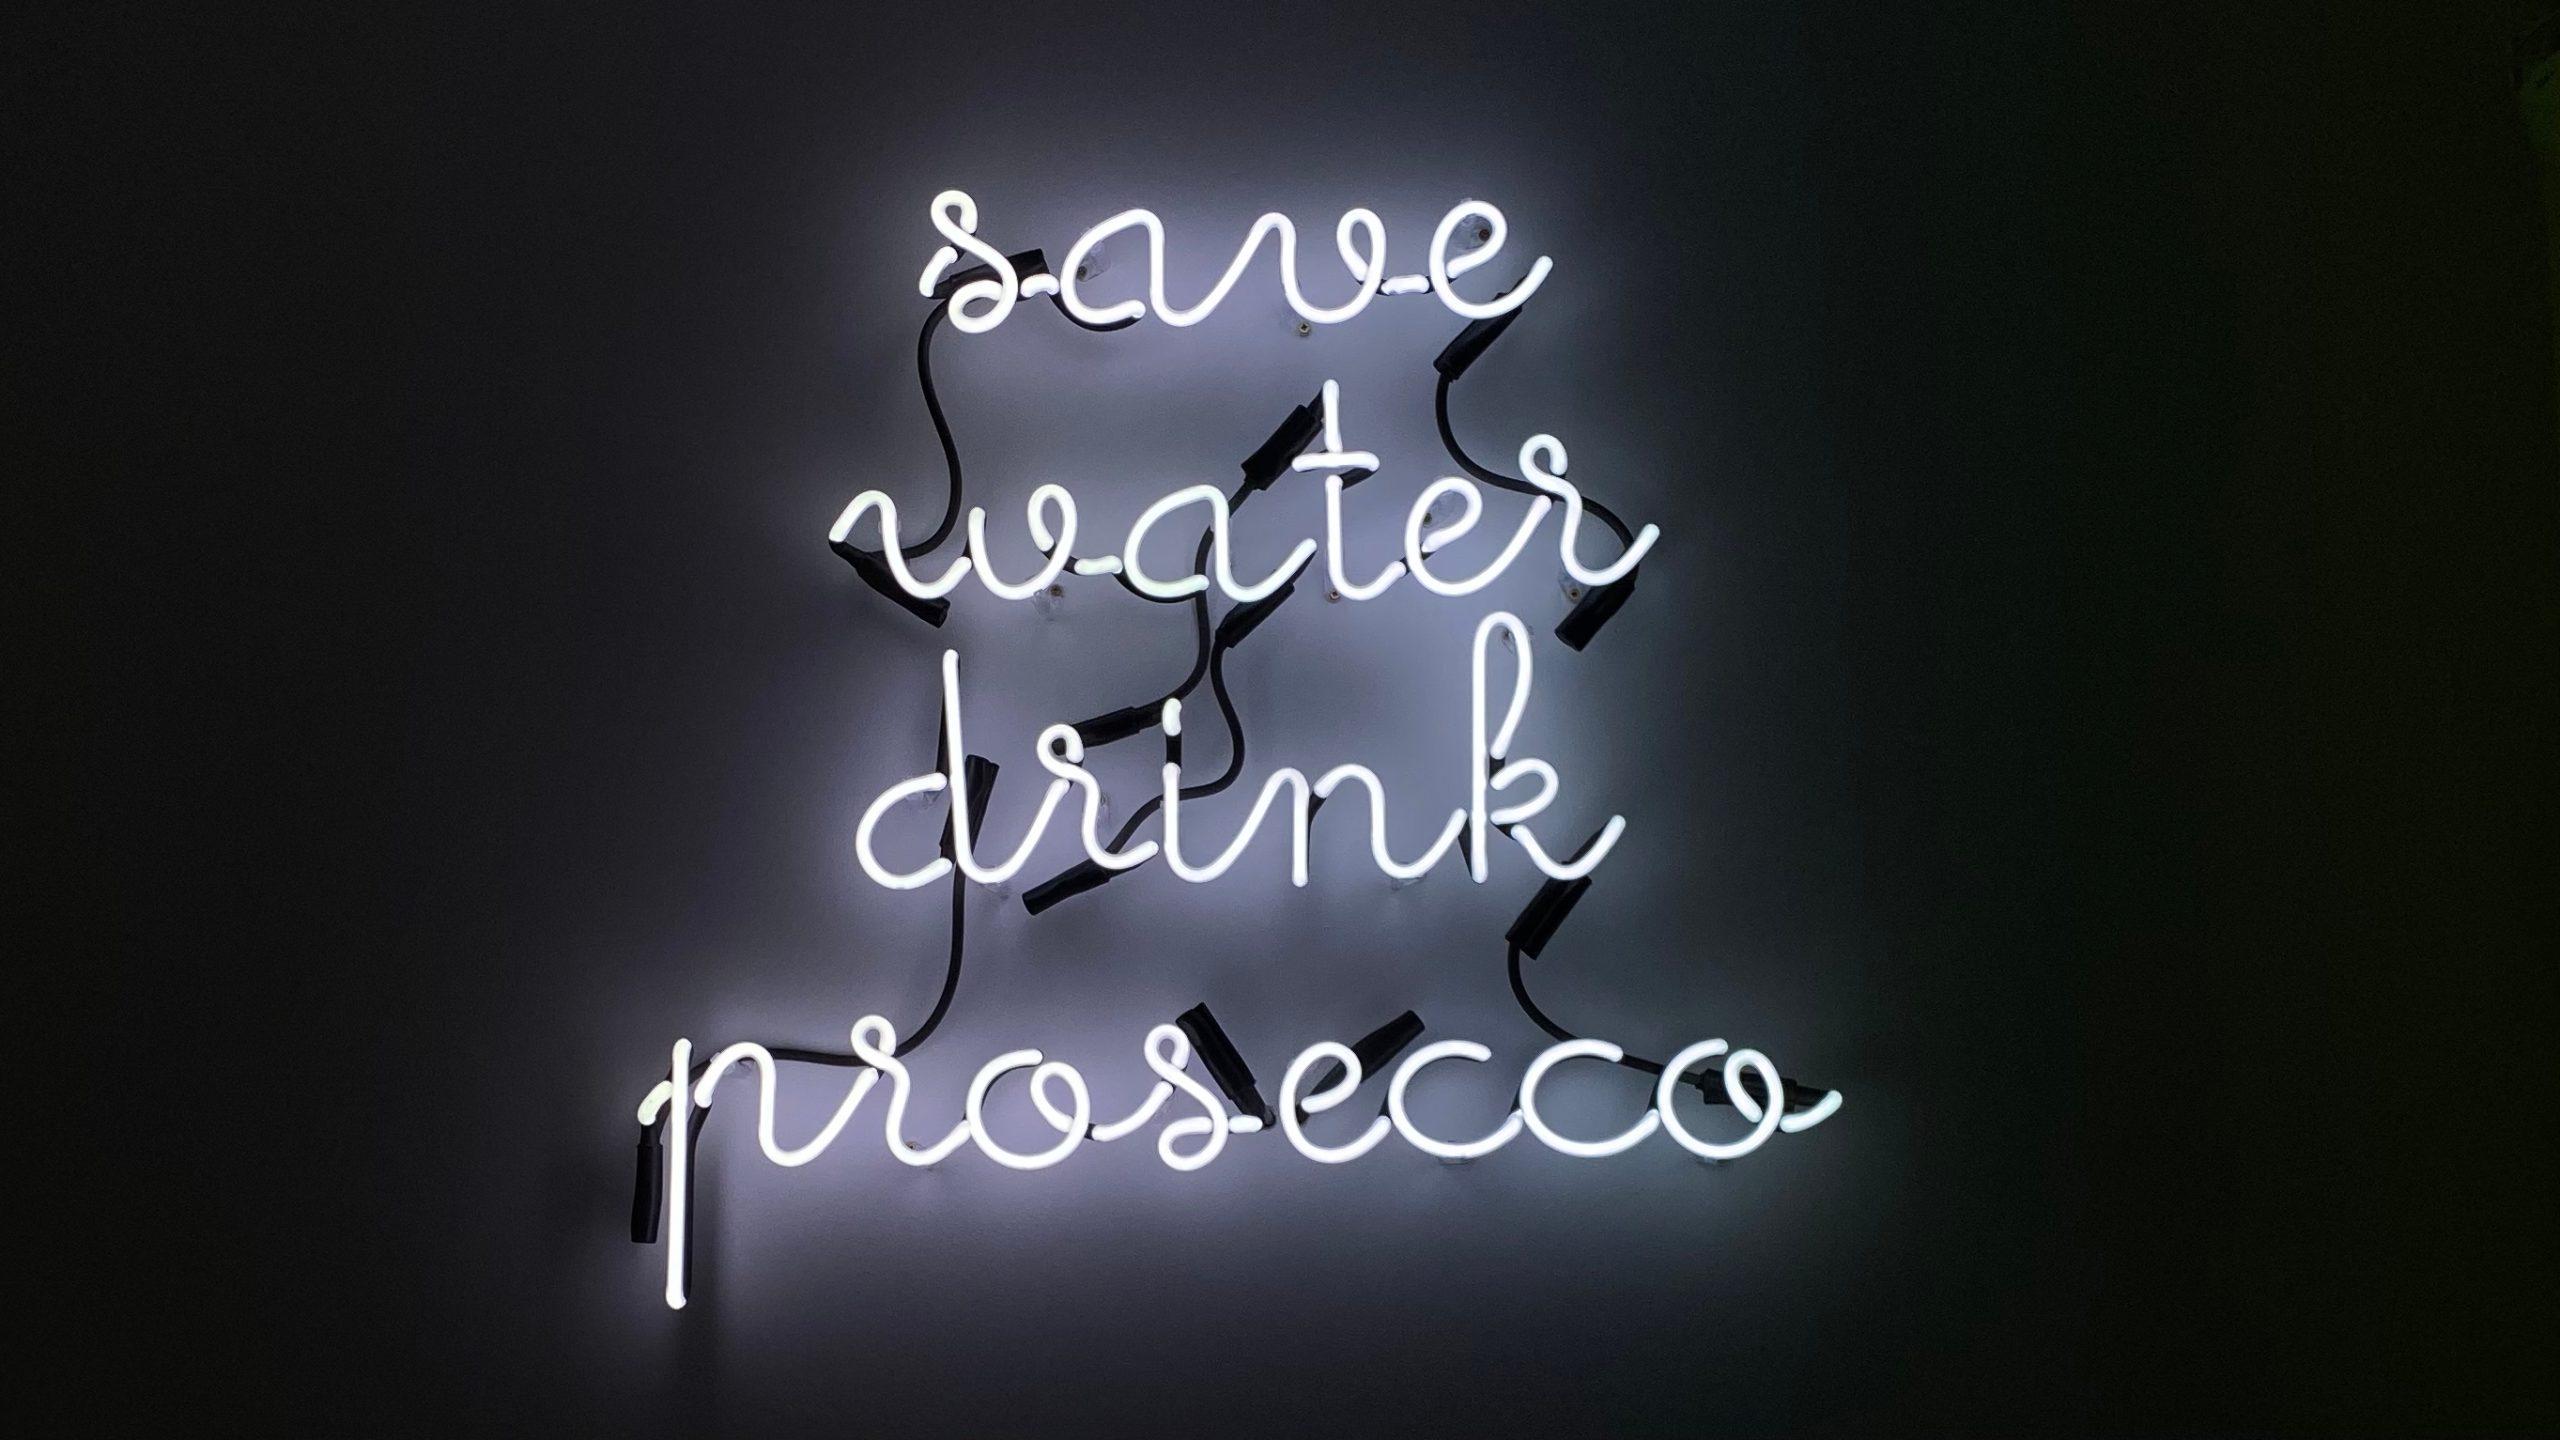 napis neonowy na zamówienie save water drink prosseconapis neonowy na zamówienie save water drink prosseco